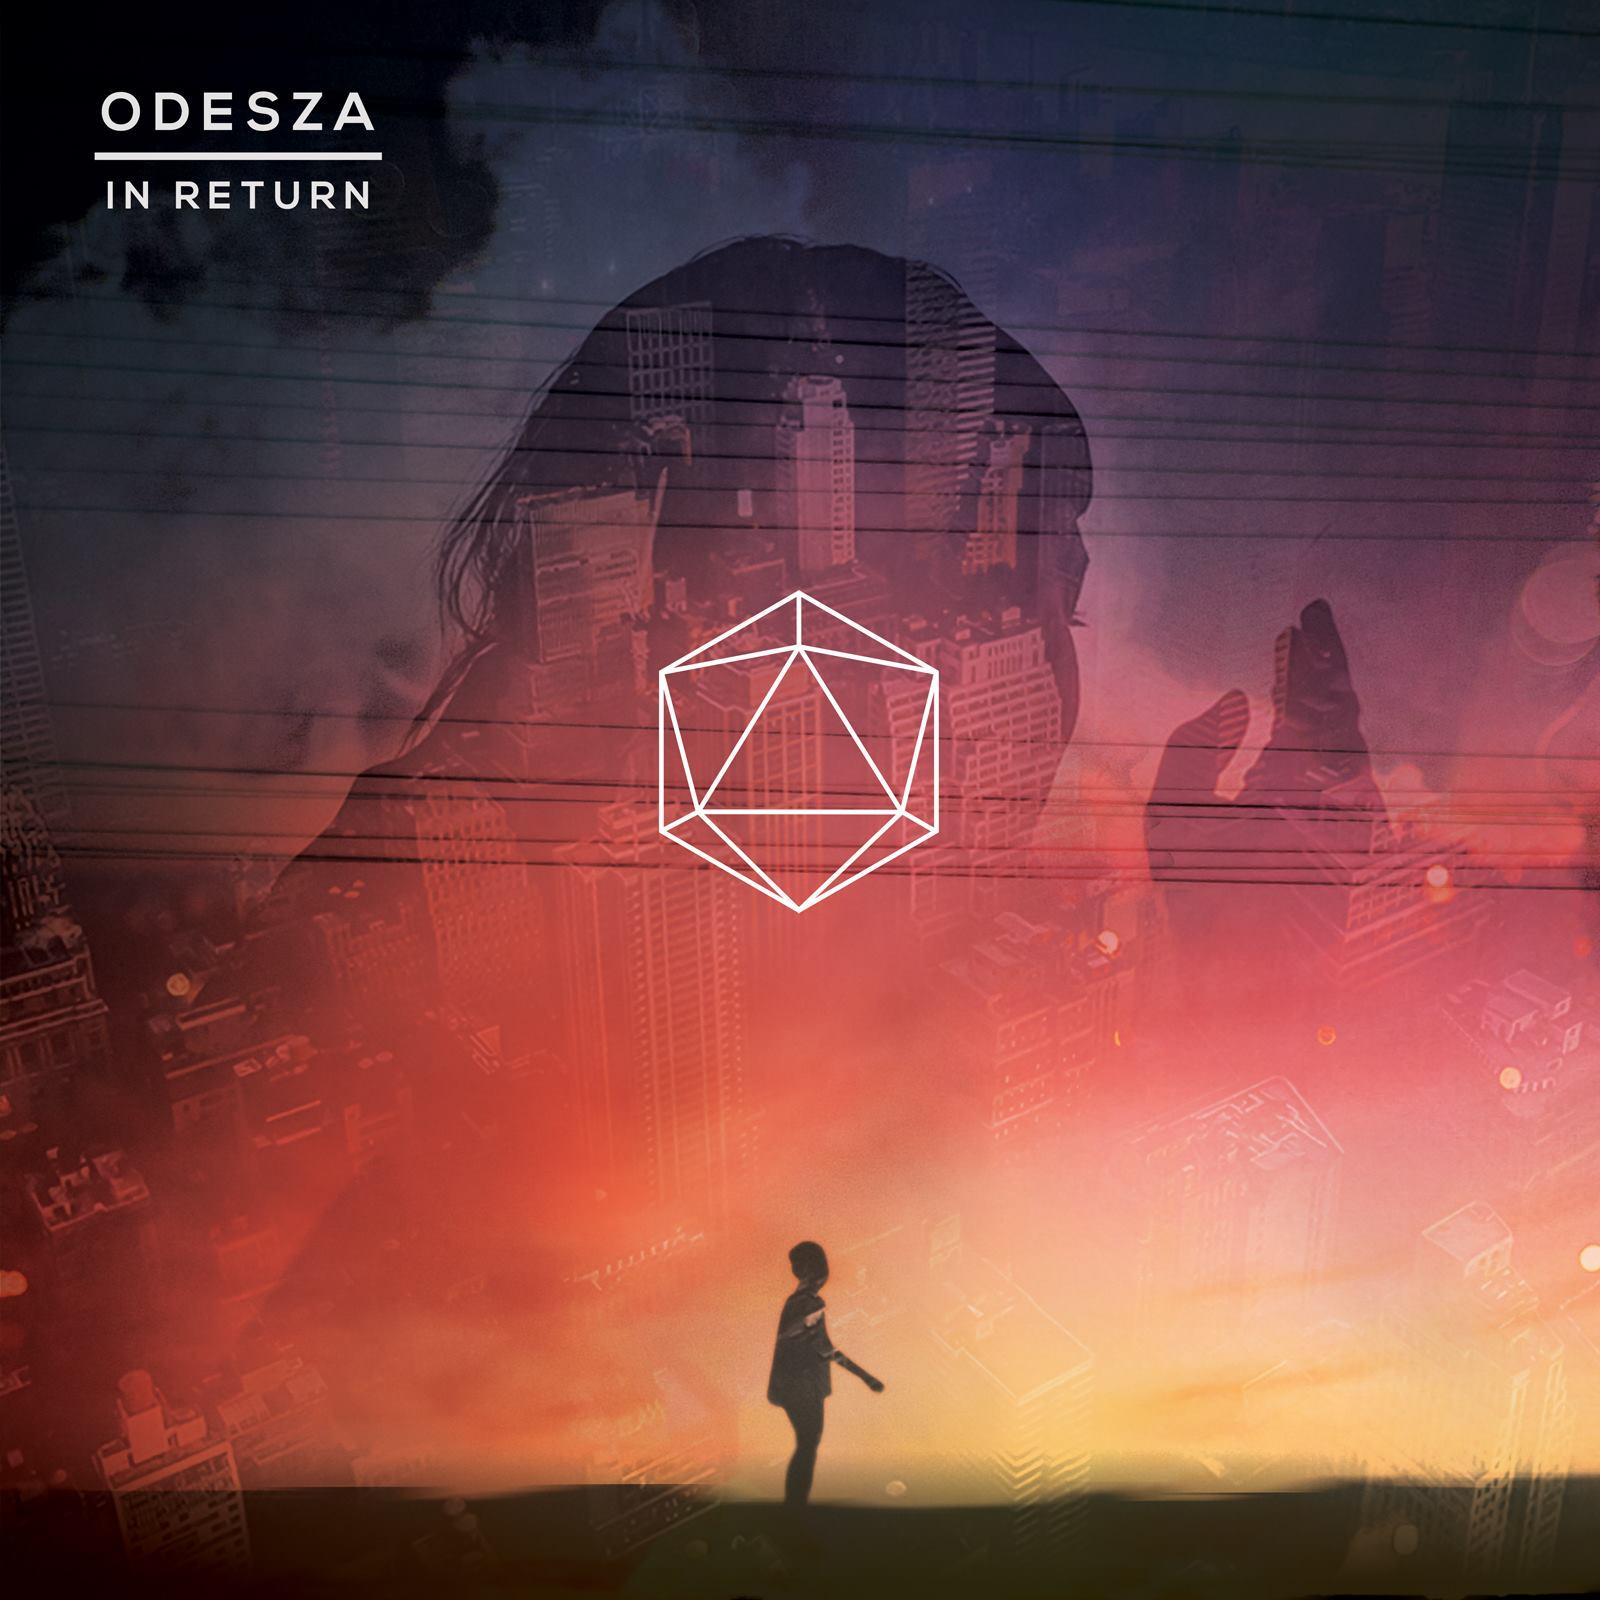 odesza-inreturn-album